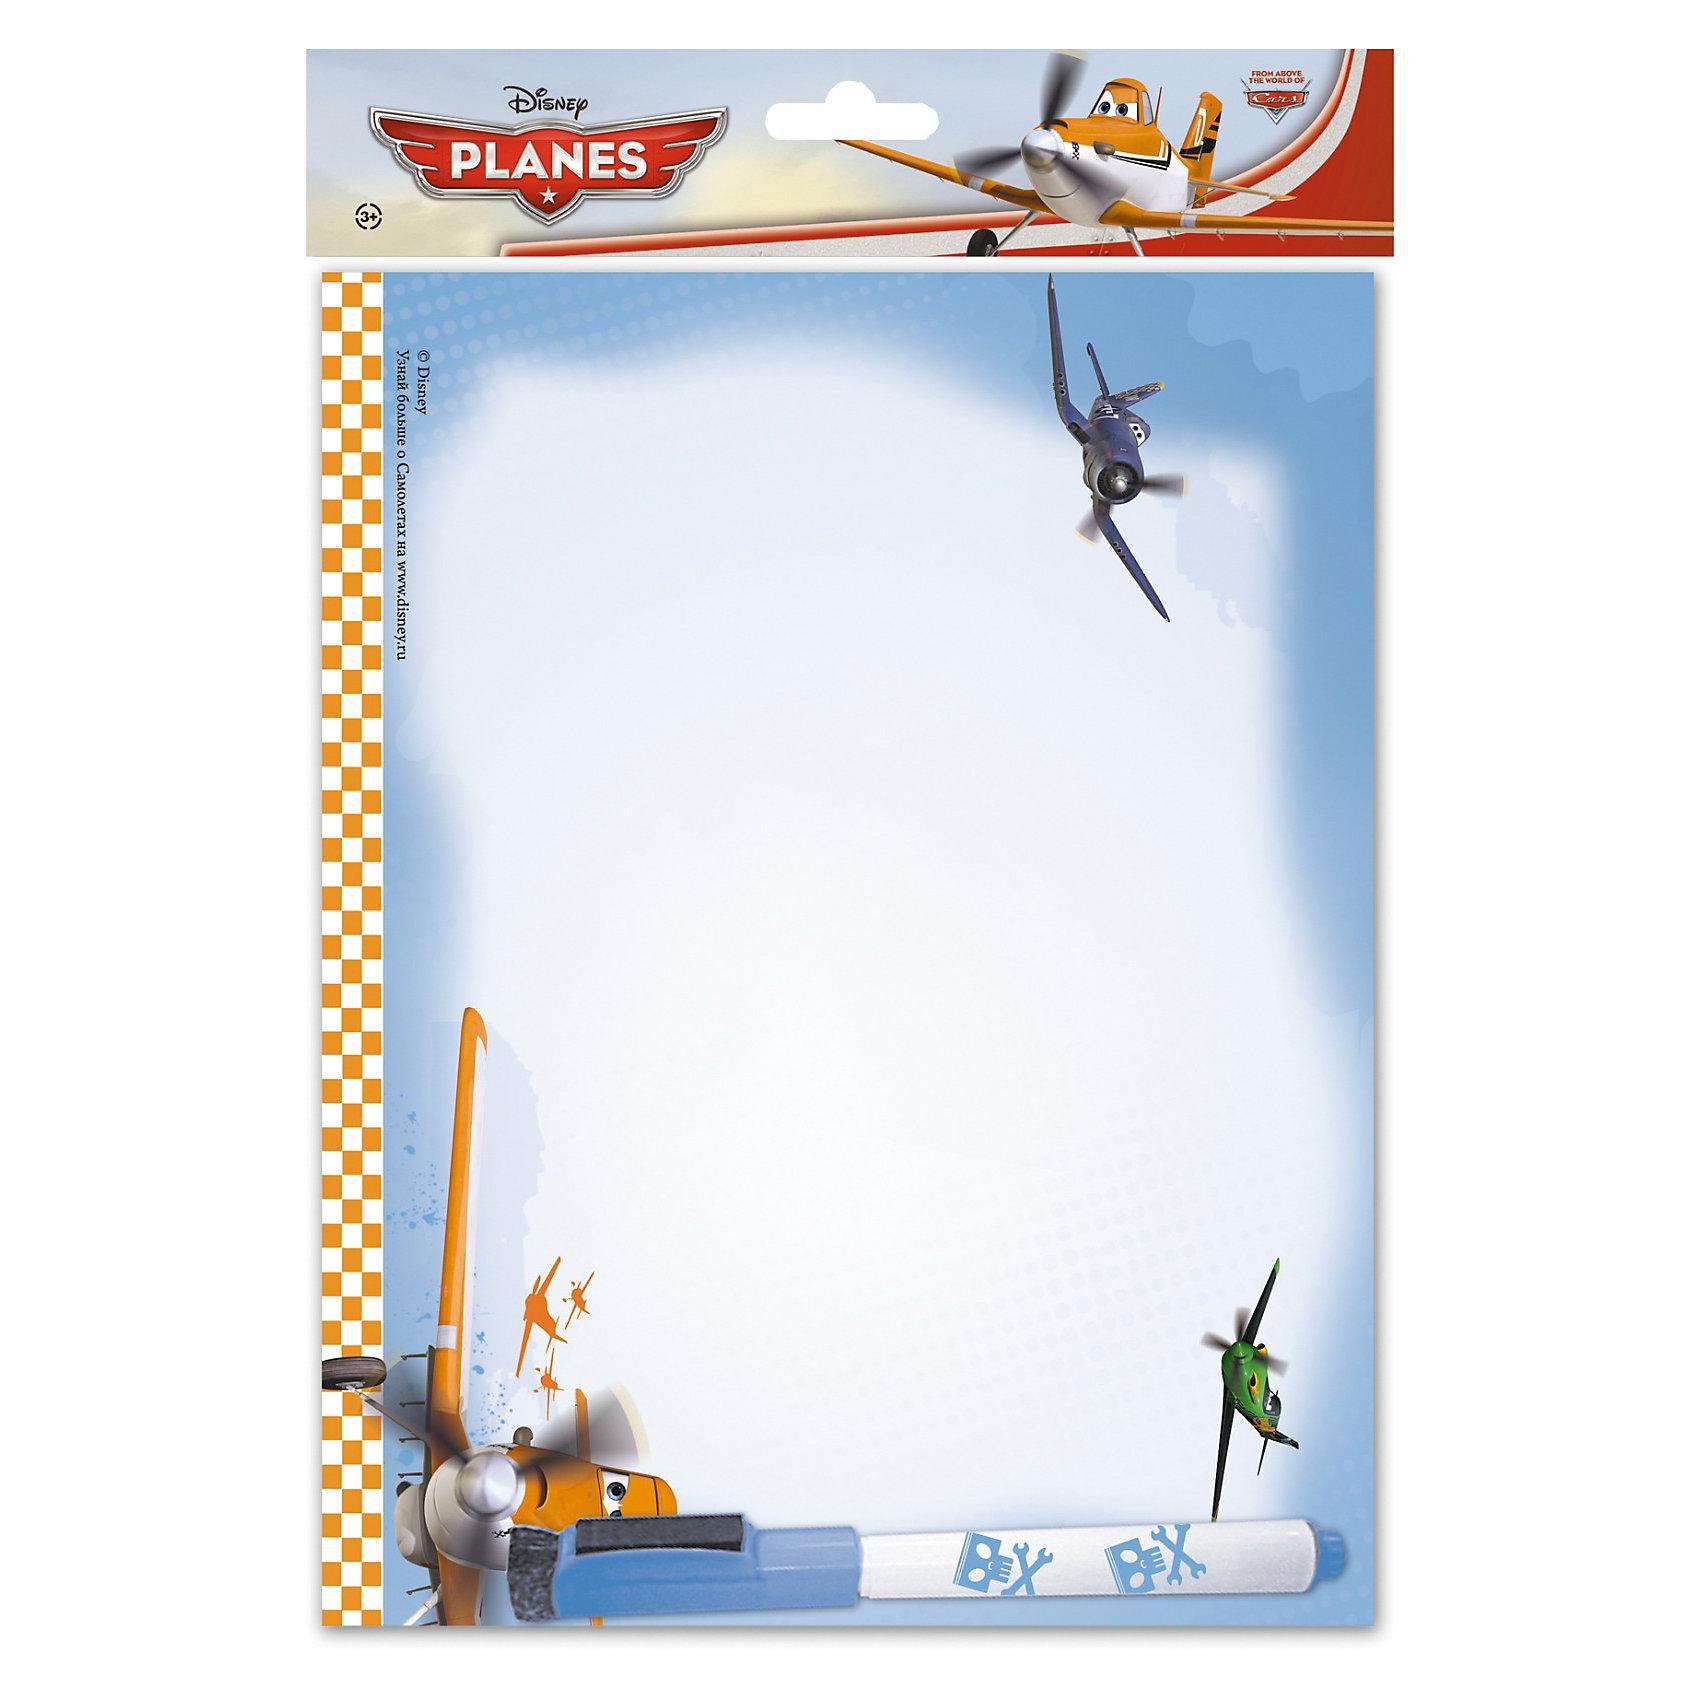 Самолетики Доска Пиши-стирай на магнитах 21 х 27  смДоска Пиши-стирай малая на магнитах для крепления на холодильник с изображением Самолетиков станет любимым пространством для рисования Вашего мальчика!<br><br>Дополнительная информация:<br><br>В комплекте доска и маркер с магнитом. <br>Размер 21 х 27 х 2,5 см, <br>Planes<br><br>Ширина мм: 210<br>Глубина мм: 270<br>Высота мм: 25<br>Вес г: 127<br>Возраст от месяцев: 48<br>Возраст до месяцев: 84<br>Пол: Мужской<br>Возраст: Детский<br>SKU: 3291635